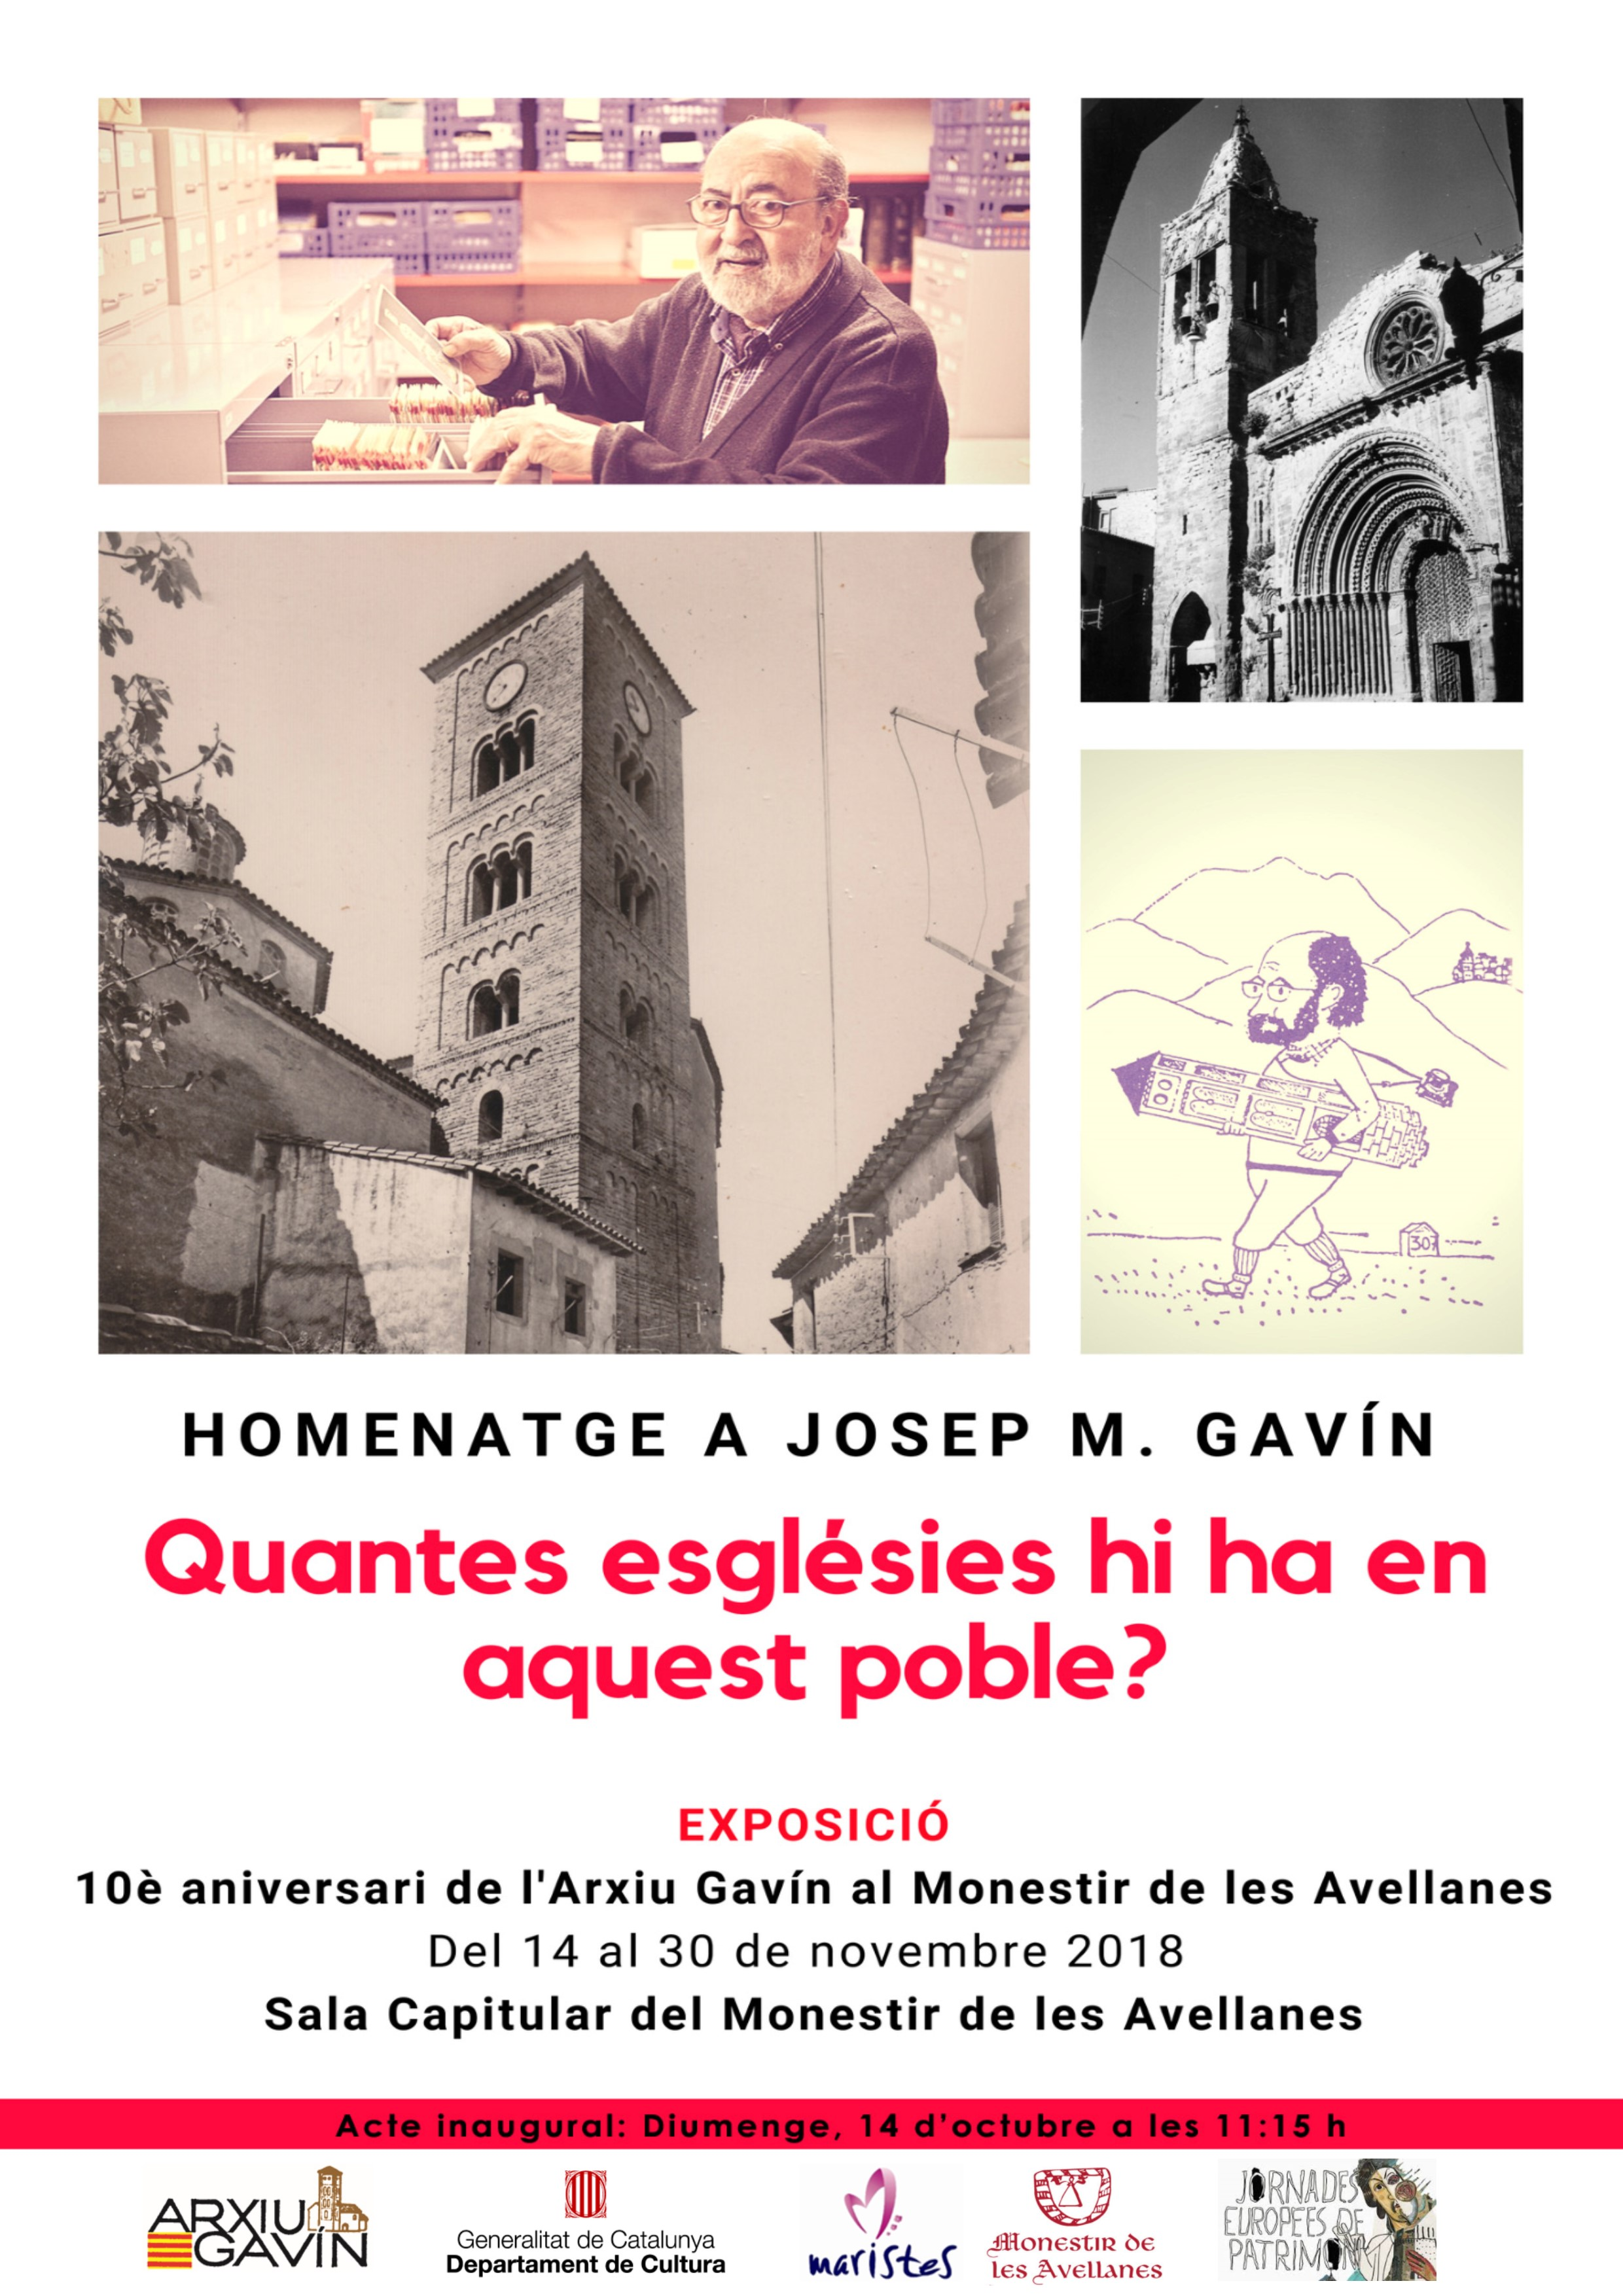 10è aniversari de l'Arxiu Gavín al Monestir de les Avellanes